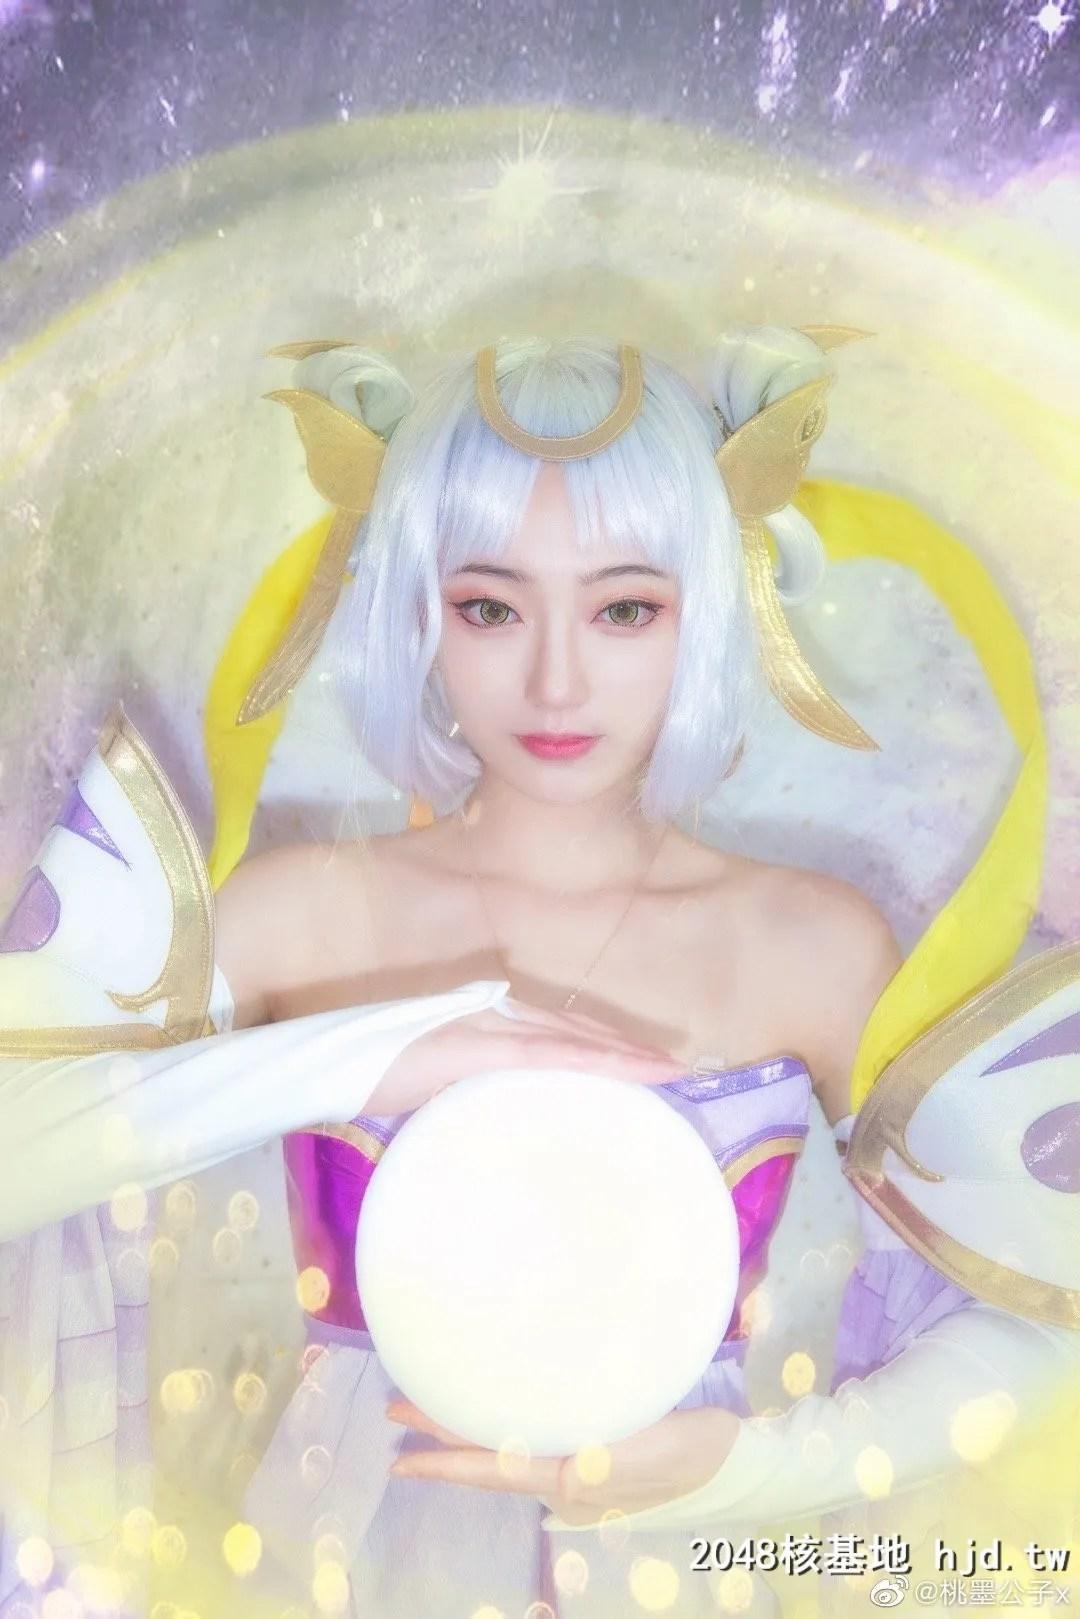 王者荣耀嫦娥@桃墨公子x (9P)插图(4)